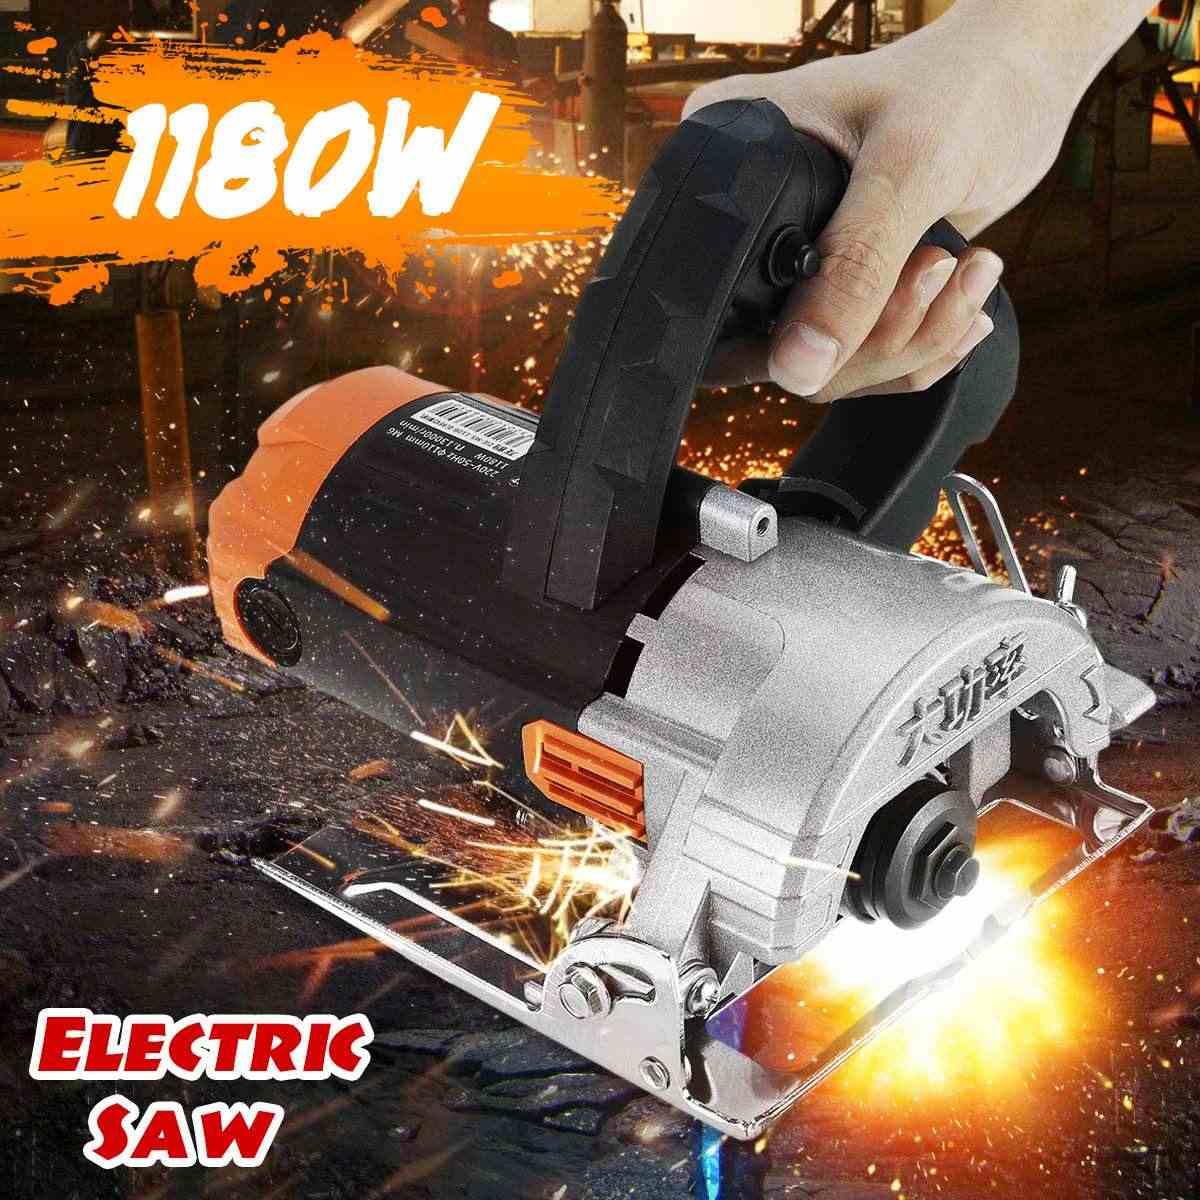 """נייד מכונת חיתוך 1180W חשמלי מסור מנועים 110mm להב 13000 סל""""ד במהירות גבוהה עץ מתכת חוט מסור קרמיקה אריח השיש כלי"""